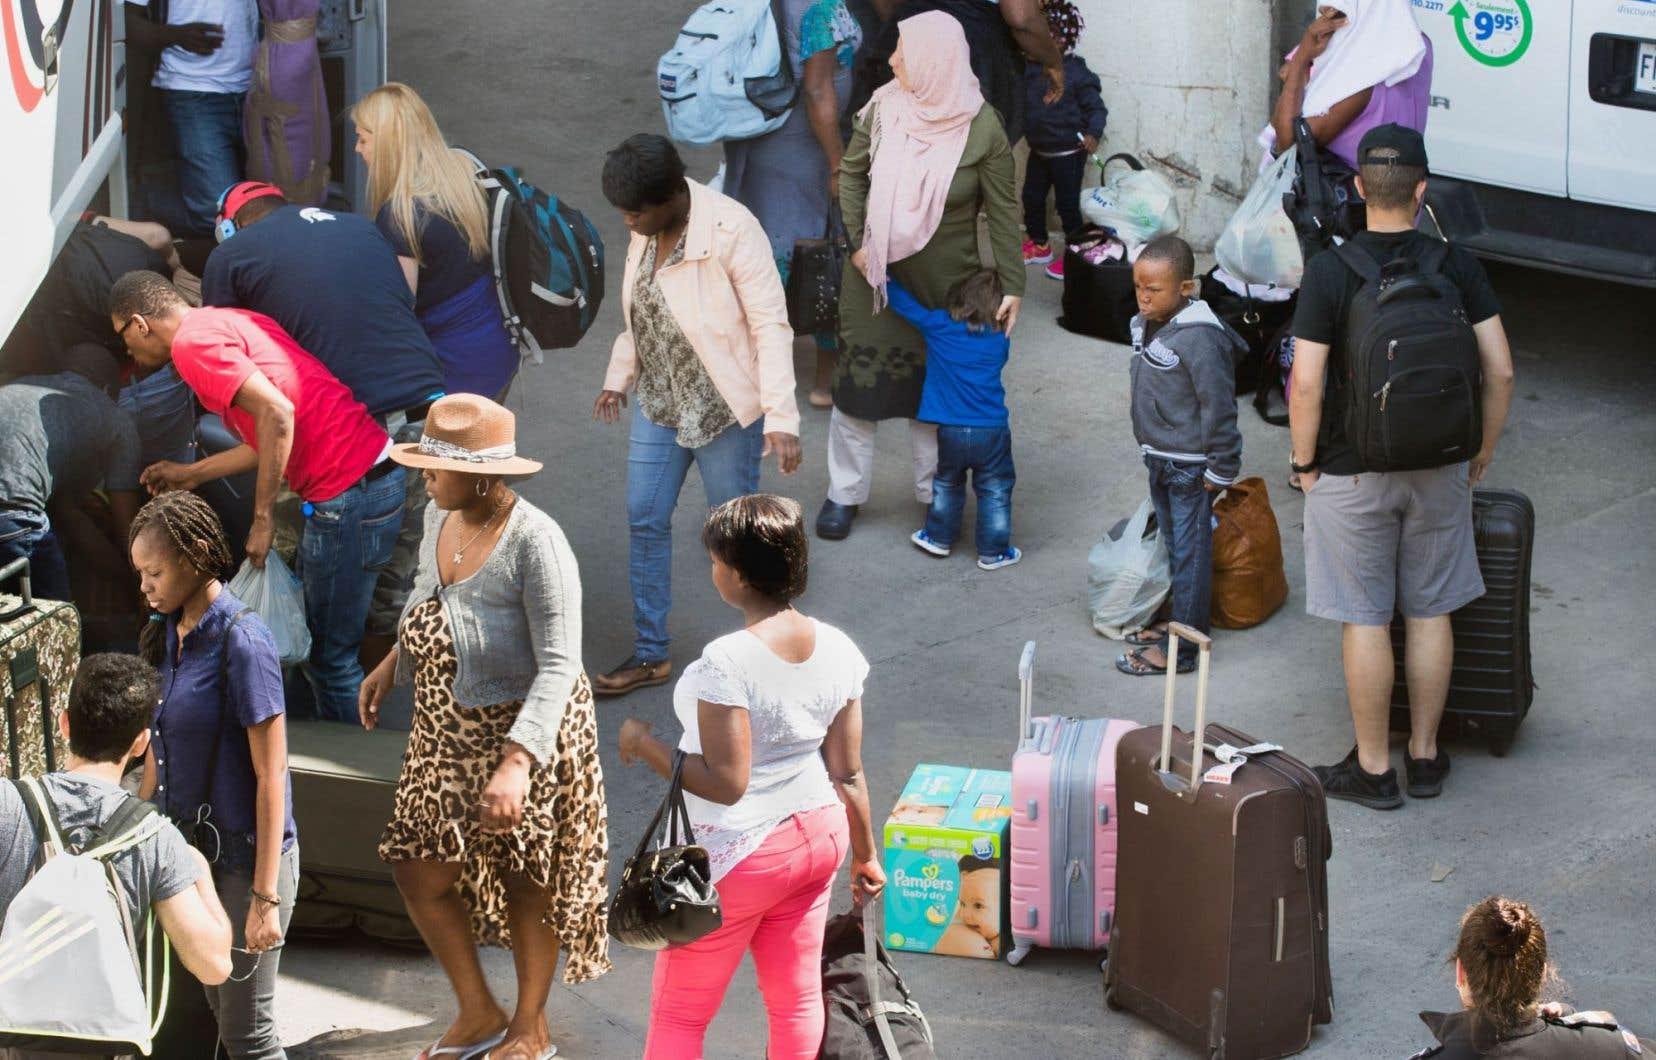 L'arrivée massive de demandeurs d'asile a forcé l'ouverture de centres temporaires d'hébergement, notamment au Stade olympique.